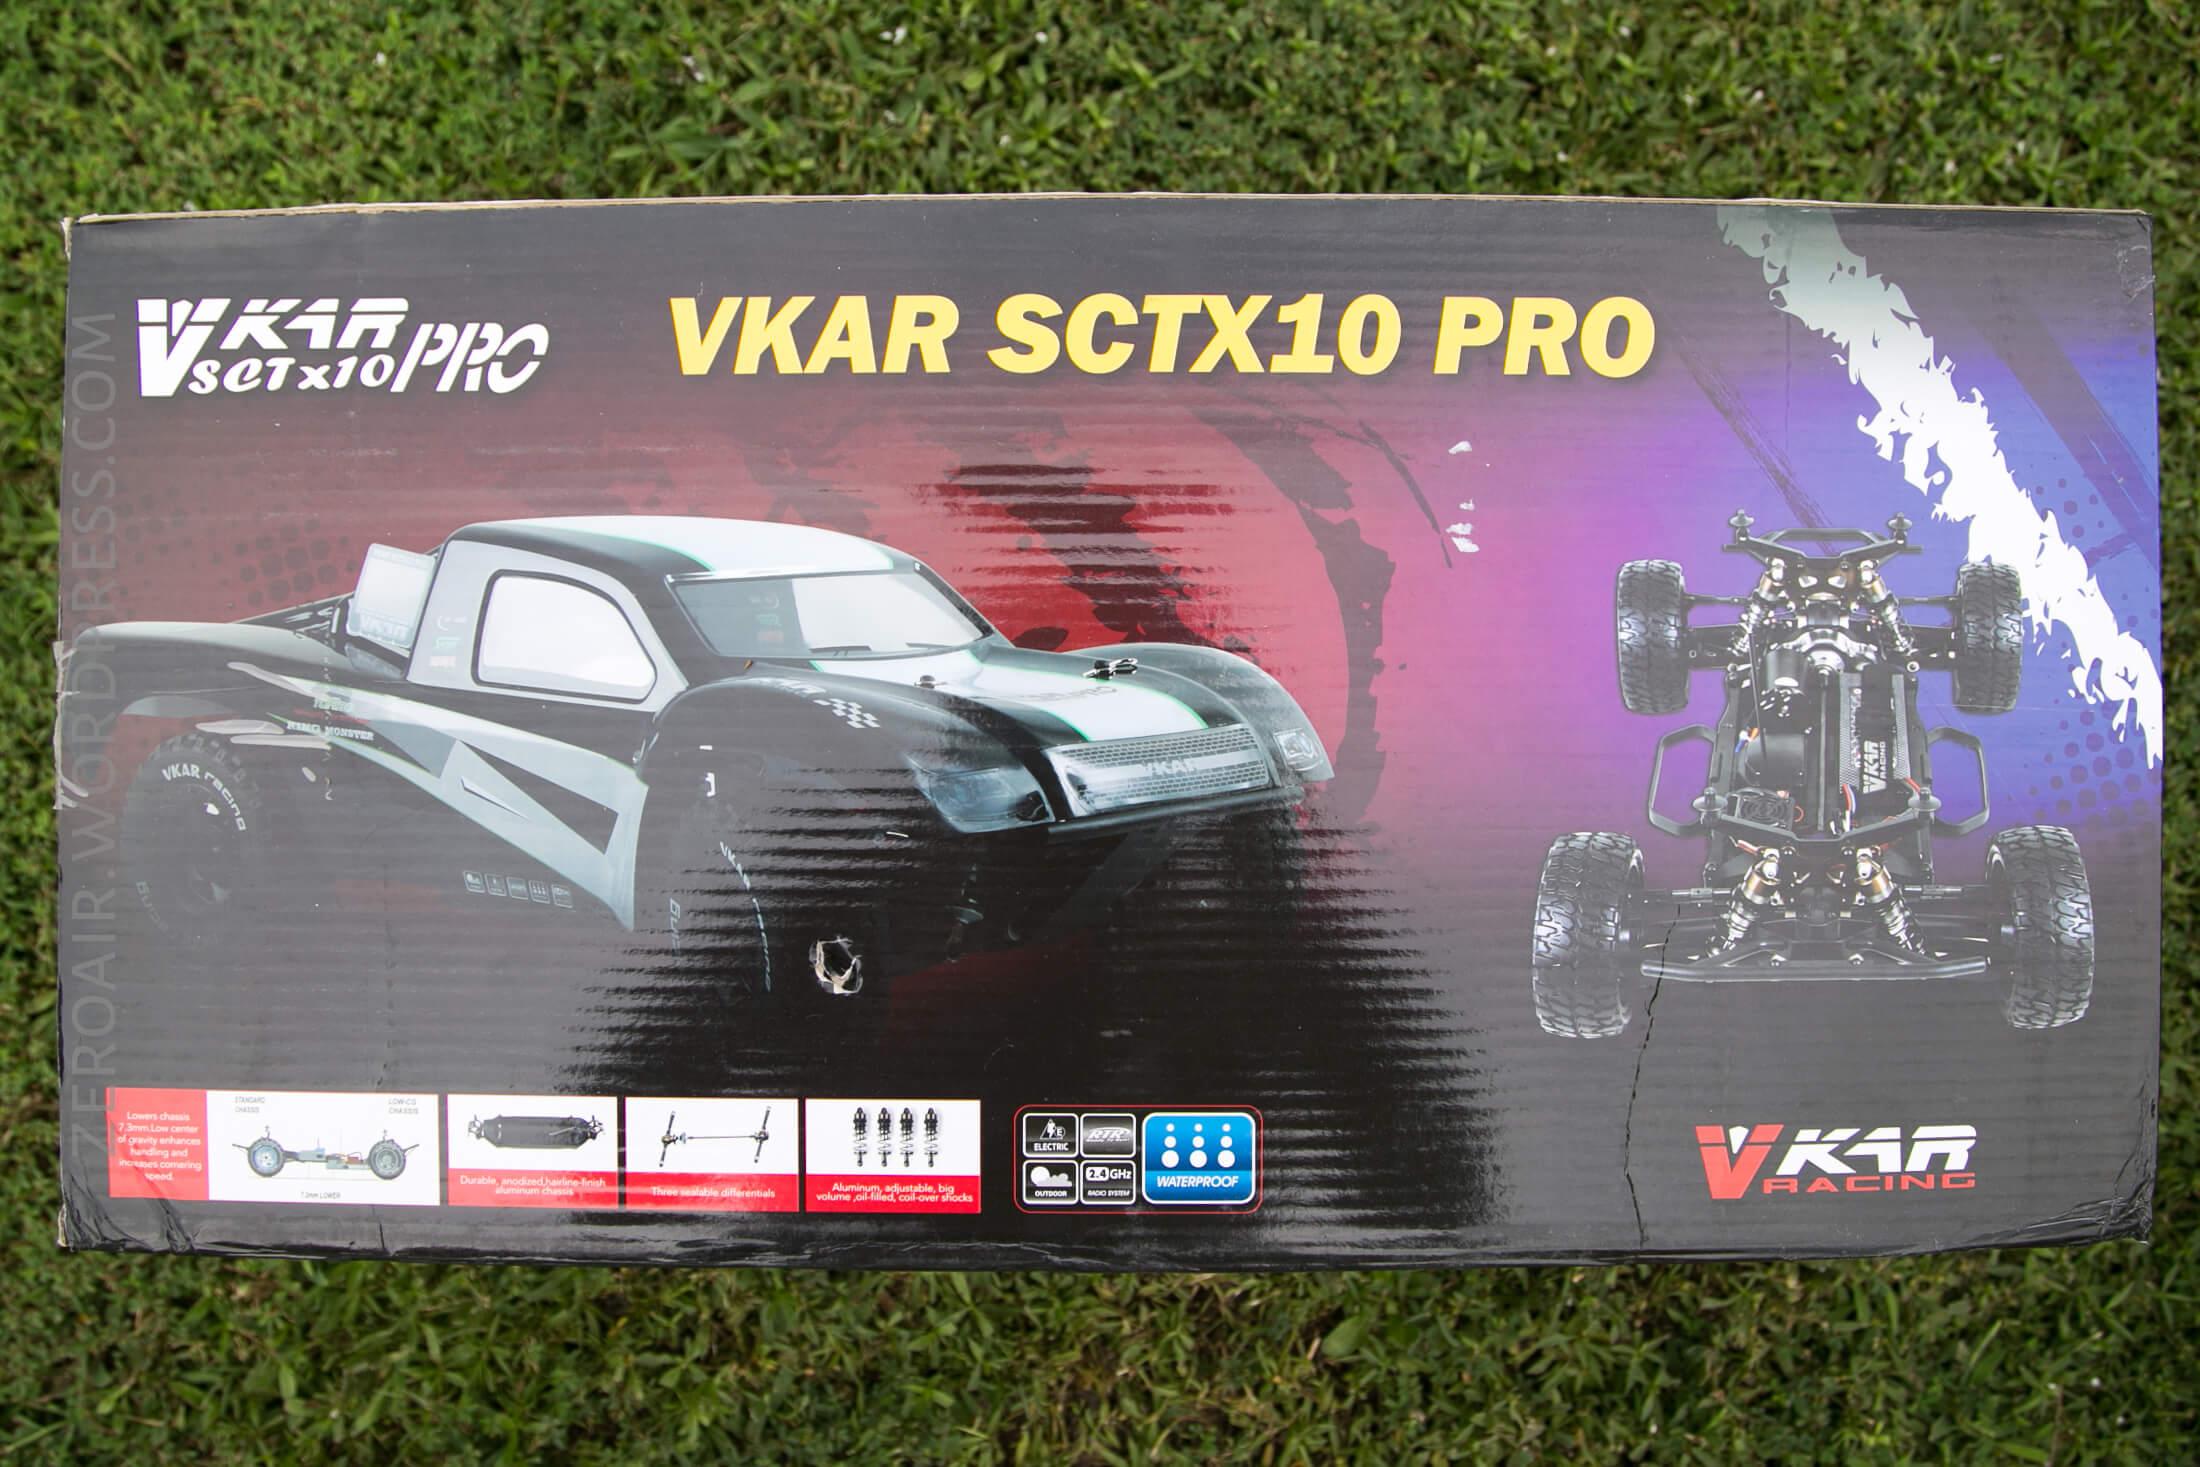 zeroair_vkar_sctx10_v2_rc_car_scale-01.jpg